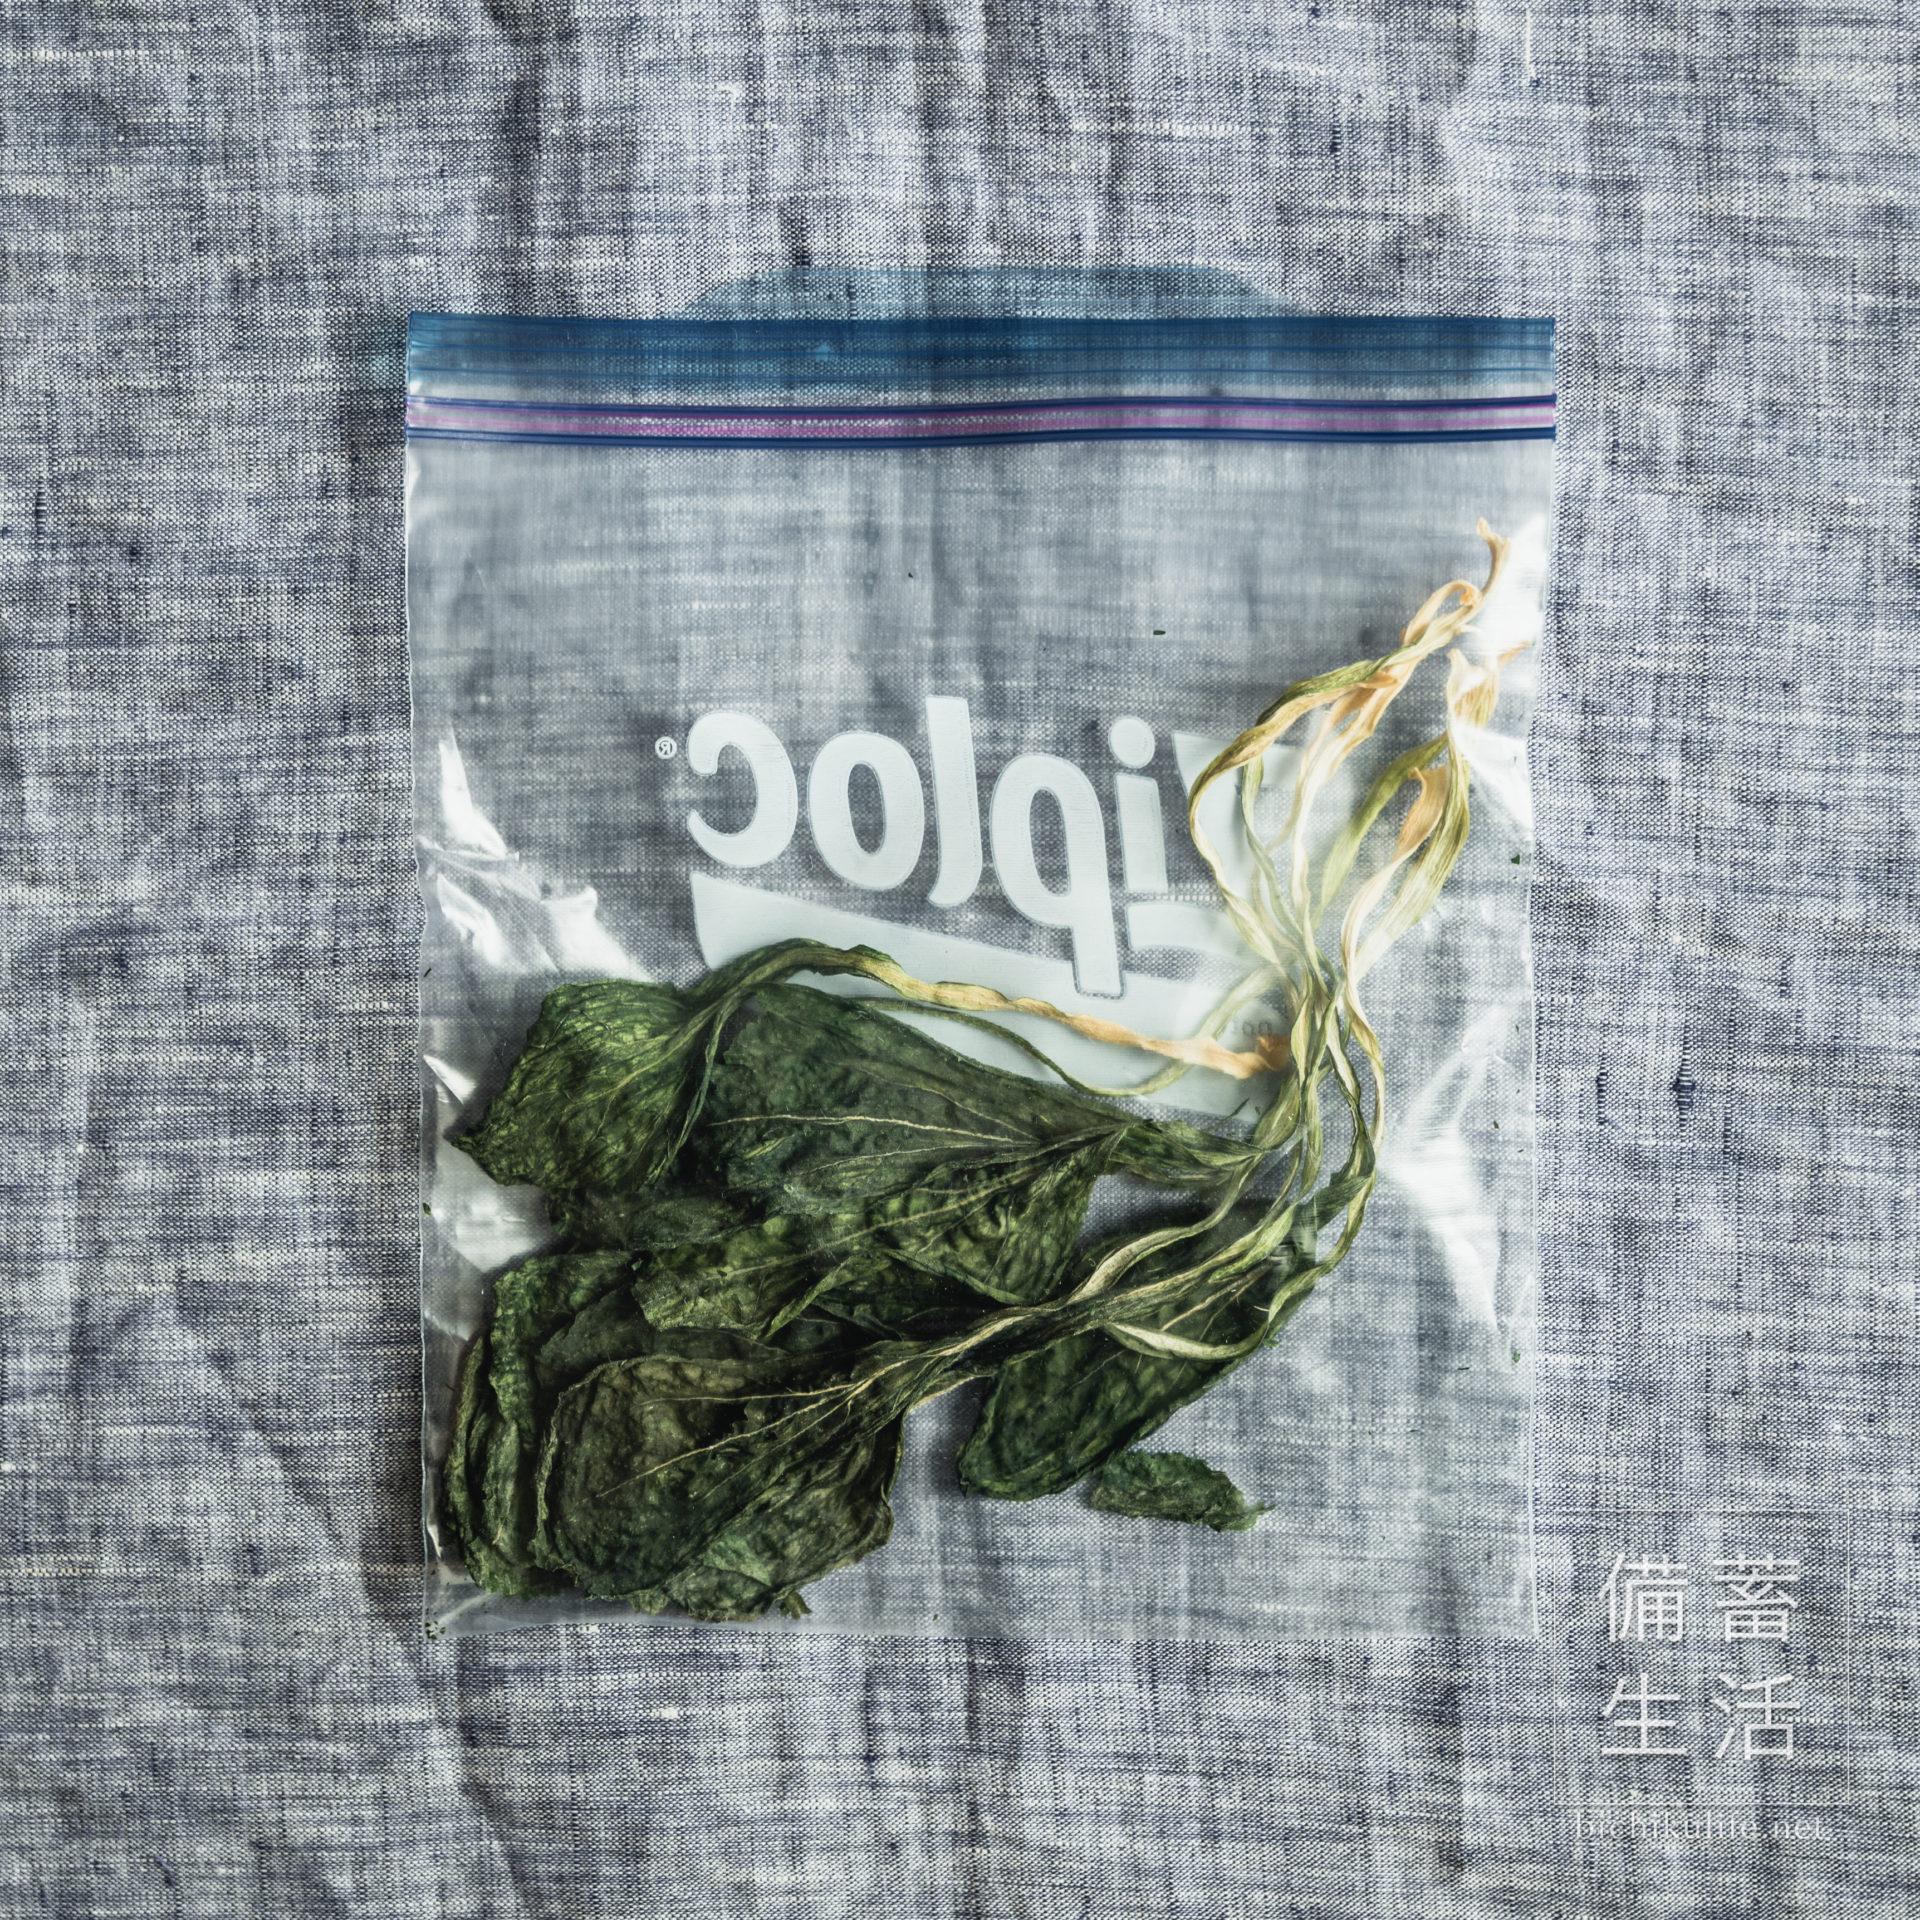 干し小松菜をジップロック(保存袋)で保存